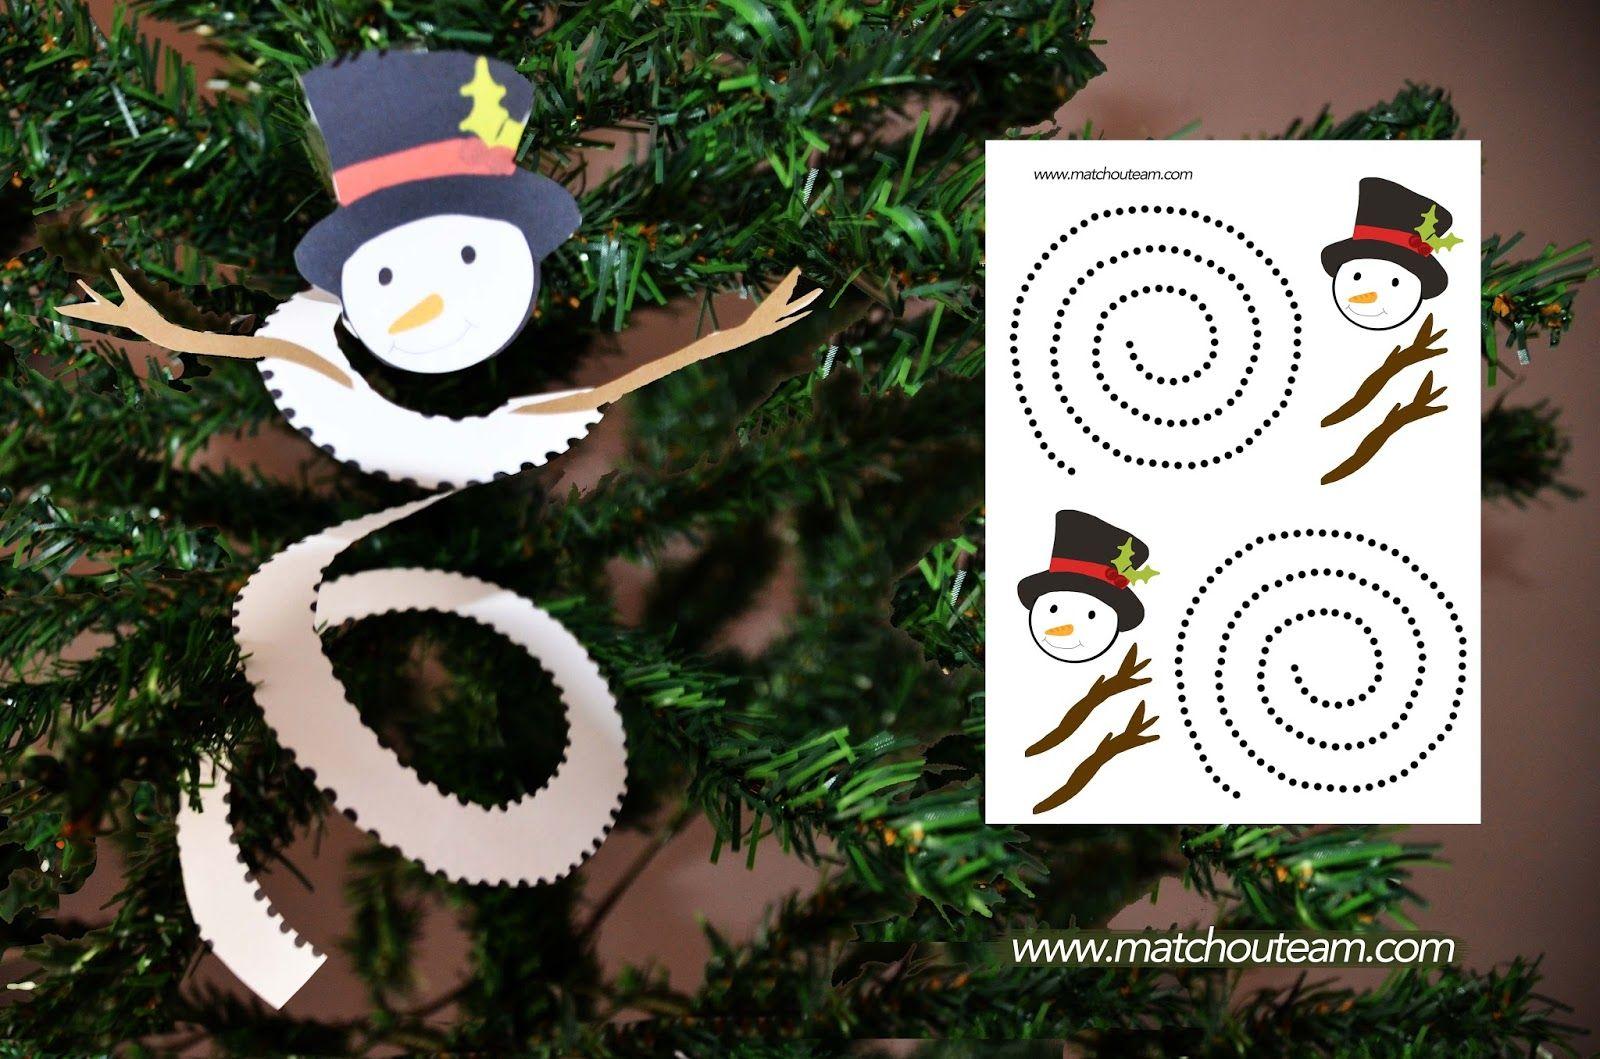 Bonhomme de neige d couper zimn tvo en s d tmi winter kids crafts bonhomme de neige - Bonhomme de neige a imprimer gratuit ...